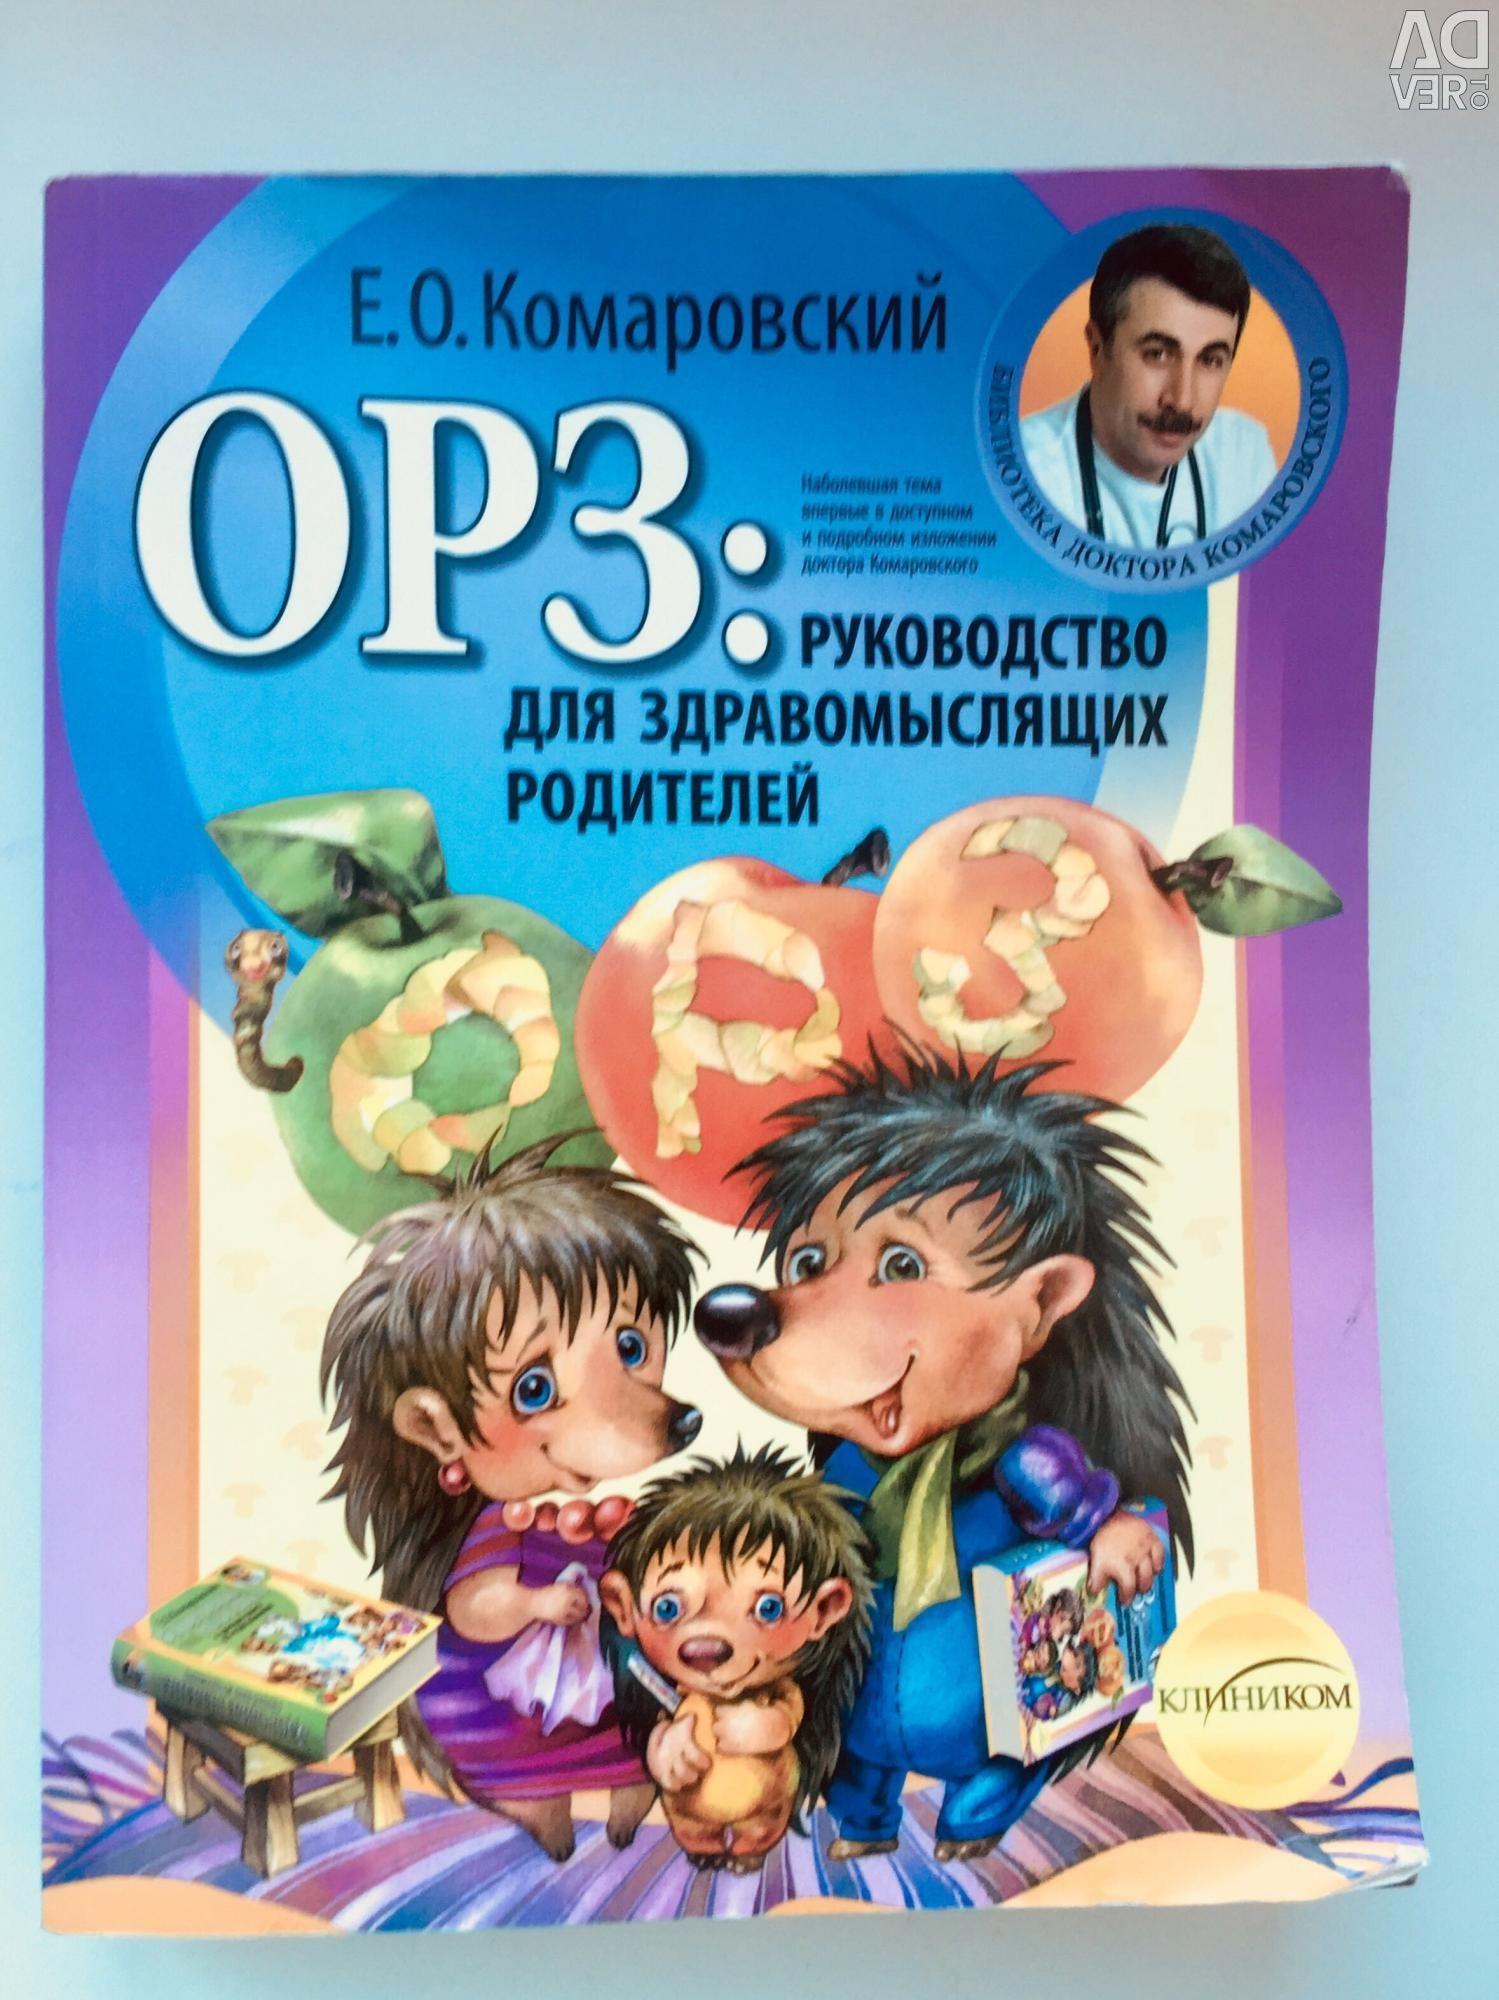 справочник здравомыслящих родителей скачать бесплатно